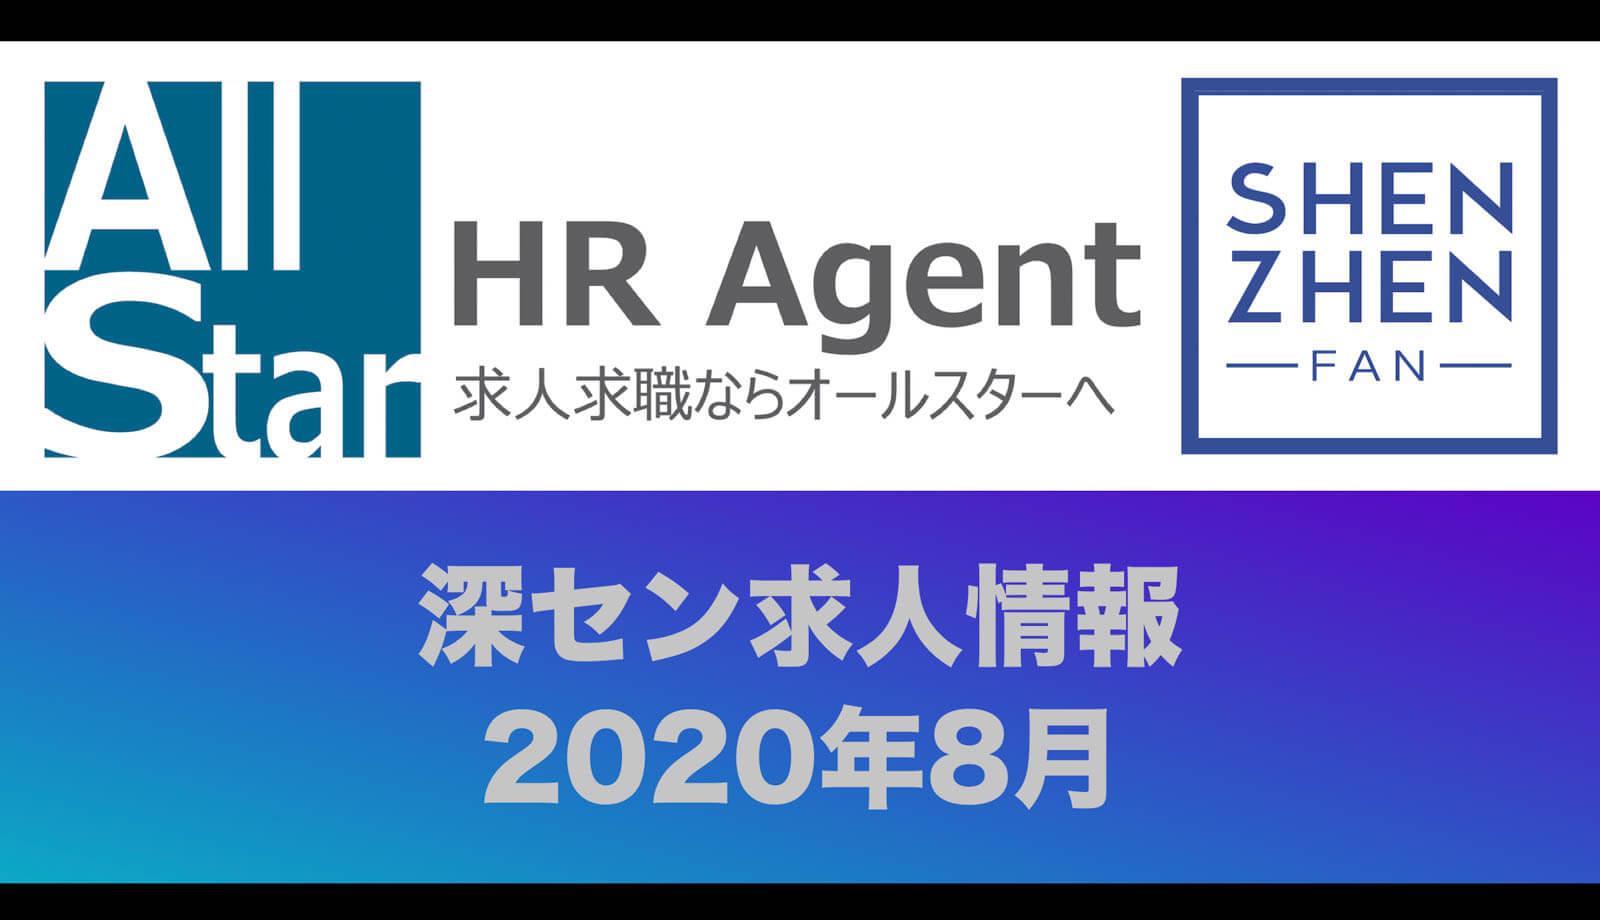 【深セン求人情報】2020年8月版:ビザサポート有り!